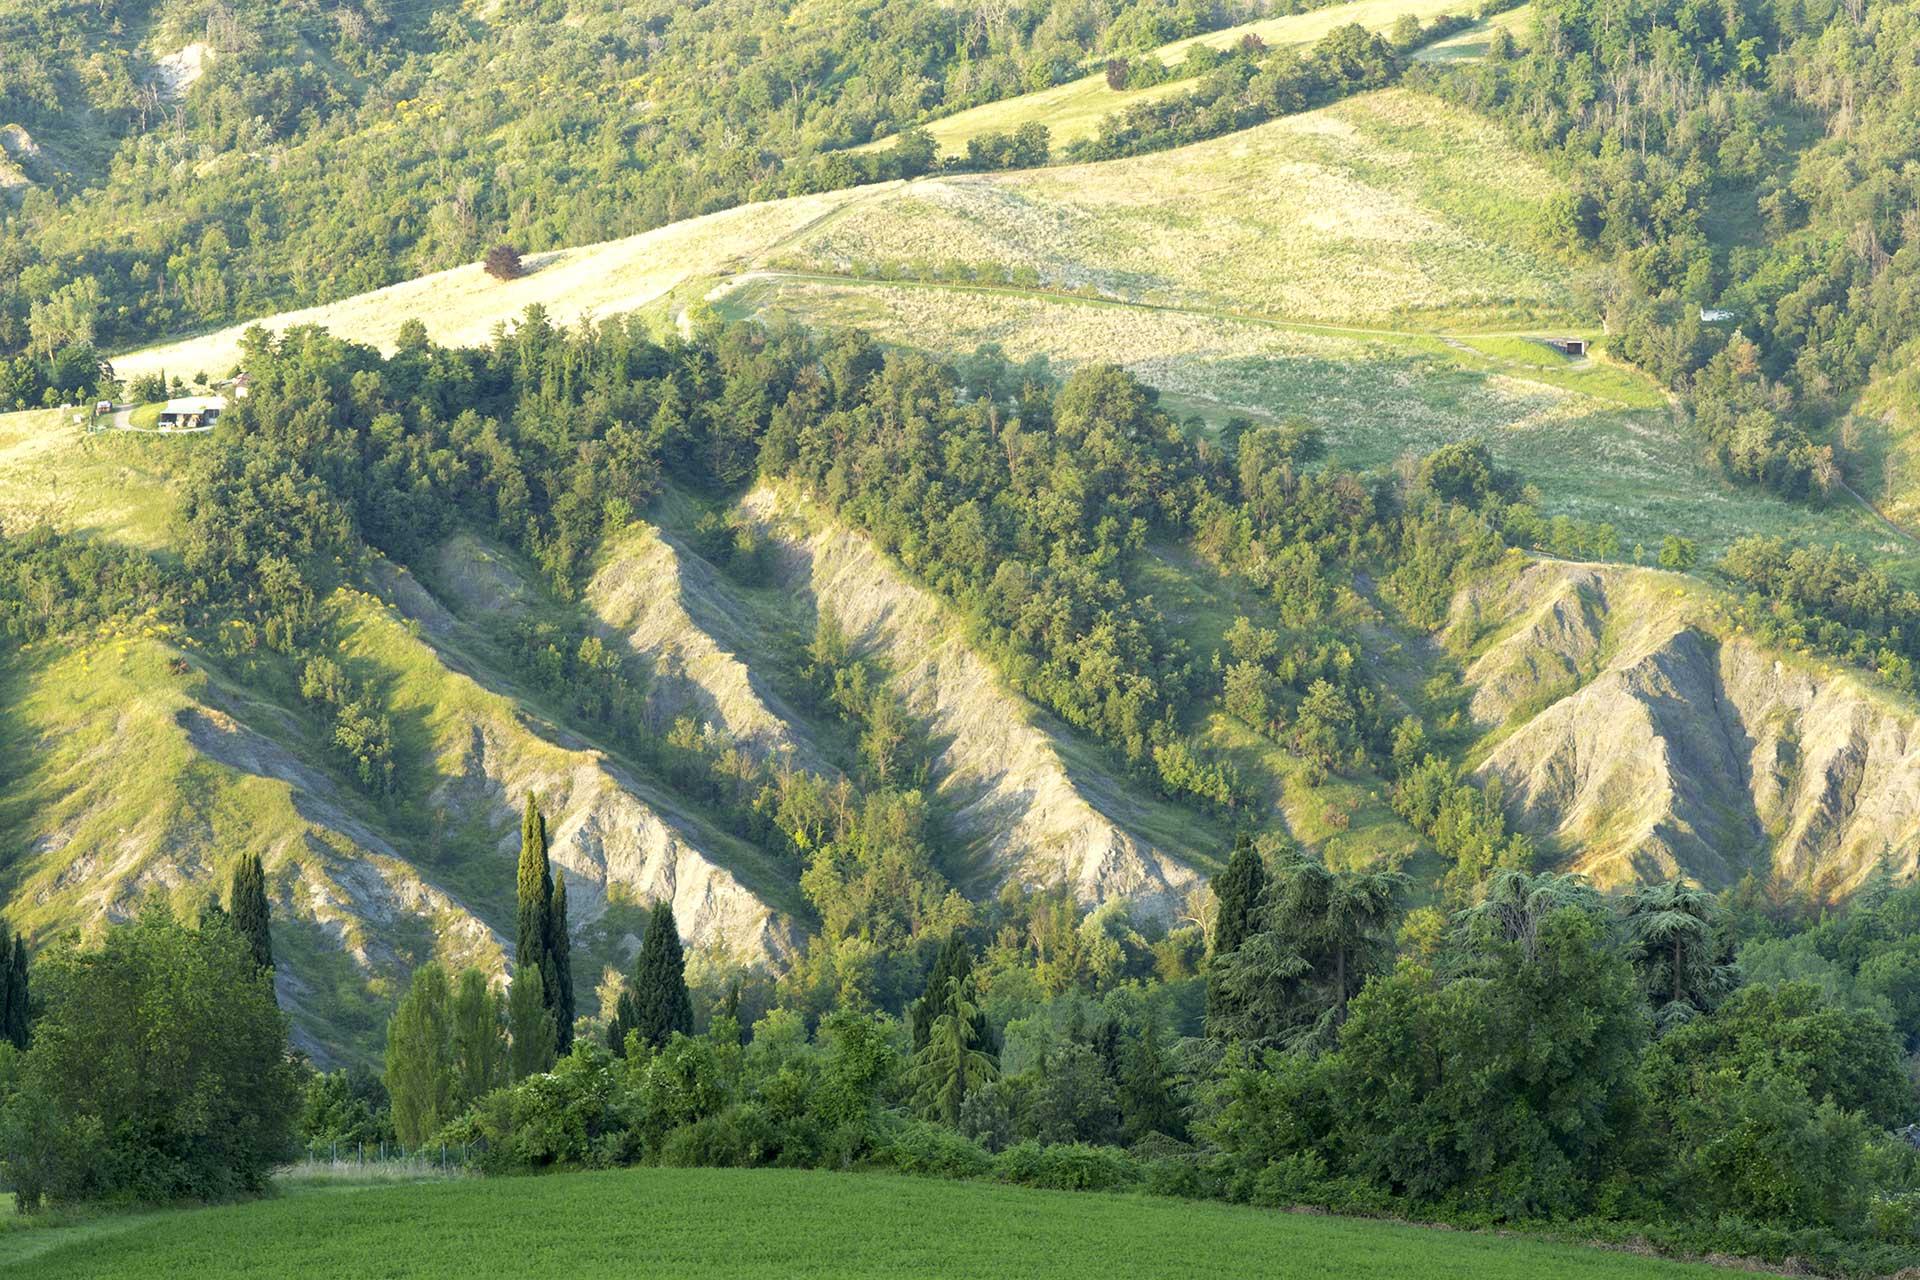 calanchi sui colli bolognesi: pasqua alternativa